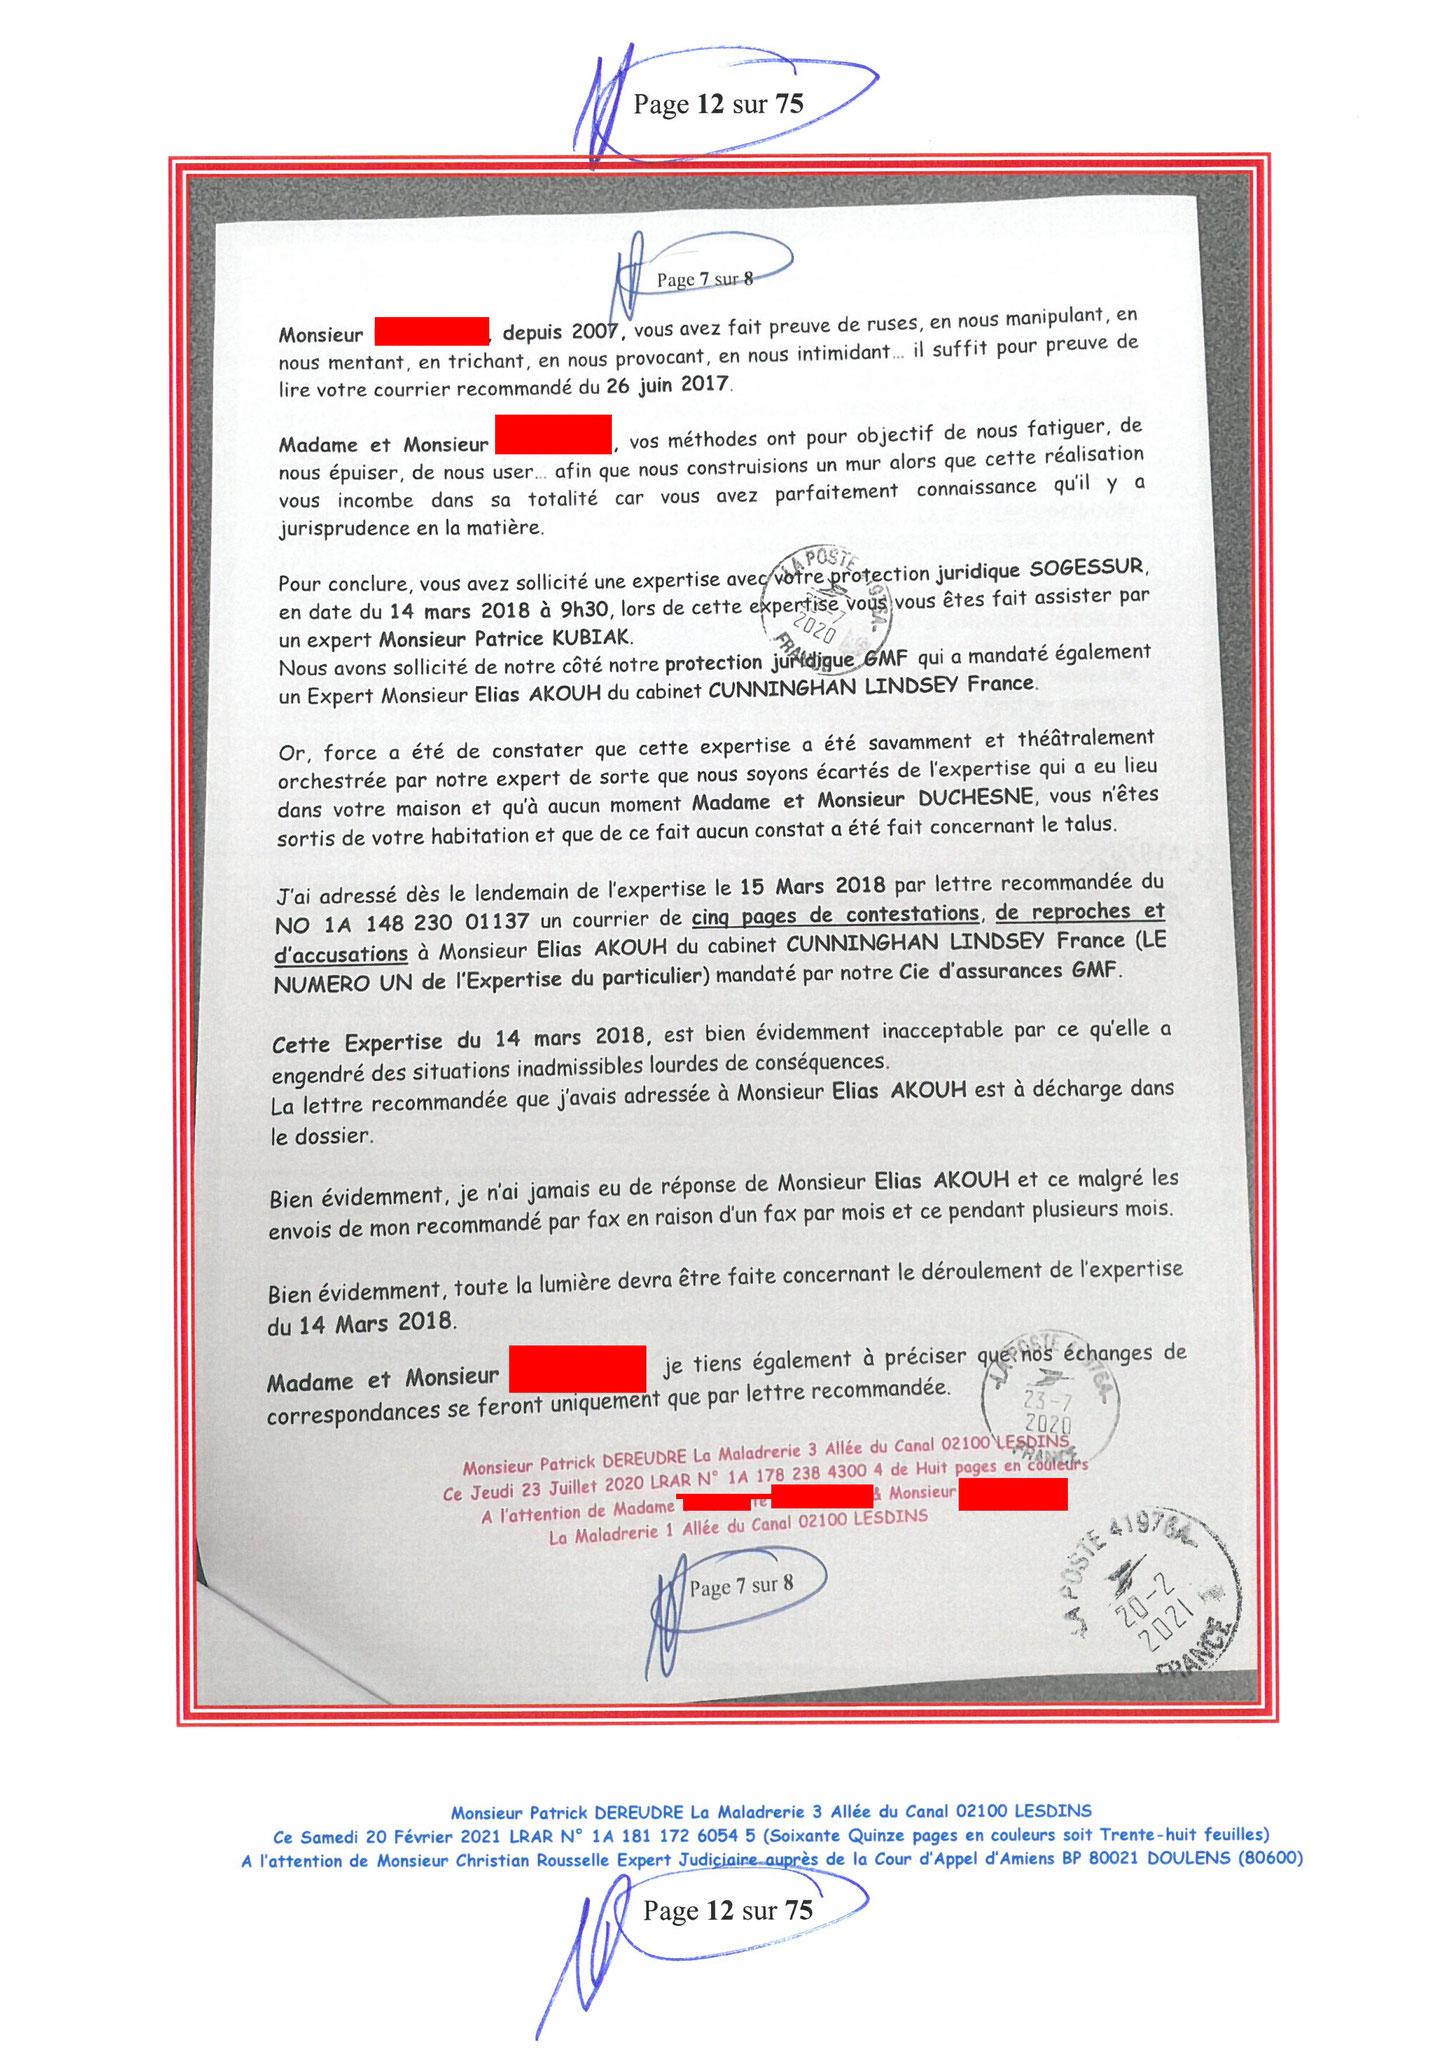 Page 12 Ma  Lettre Recommandée à Monsieur Christian ROUSSELLE Expert Judiciaire auprès de la Cour d'Appel d'Amiens Affaire MES CHERS VOISINS nos  www.jenesuispasunchien.fr www.jesuisvictime.fr www.jesuispatrick.fr PARJURE & CORRUPTION JUSTICE REPUBLIQUE